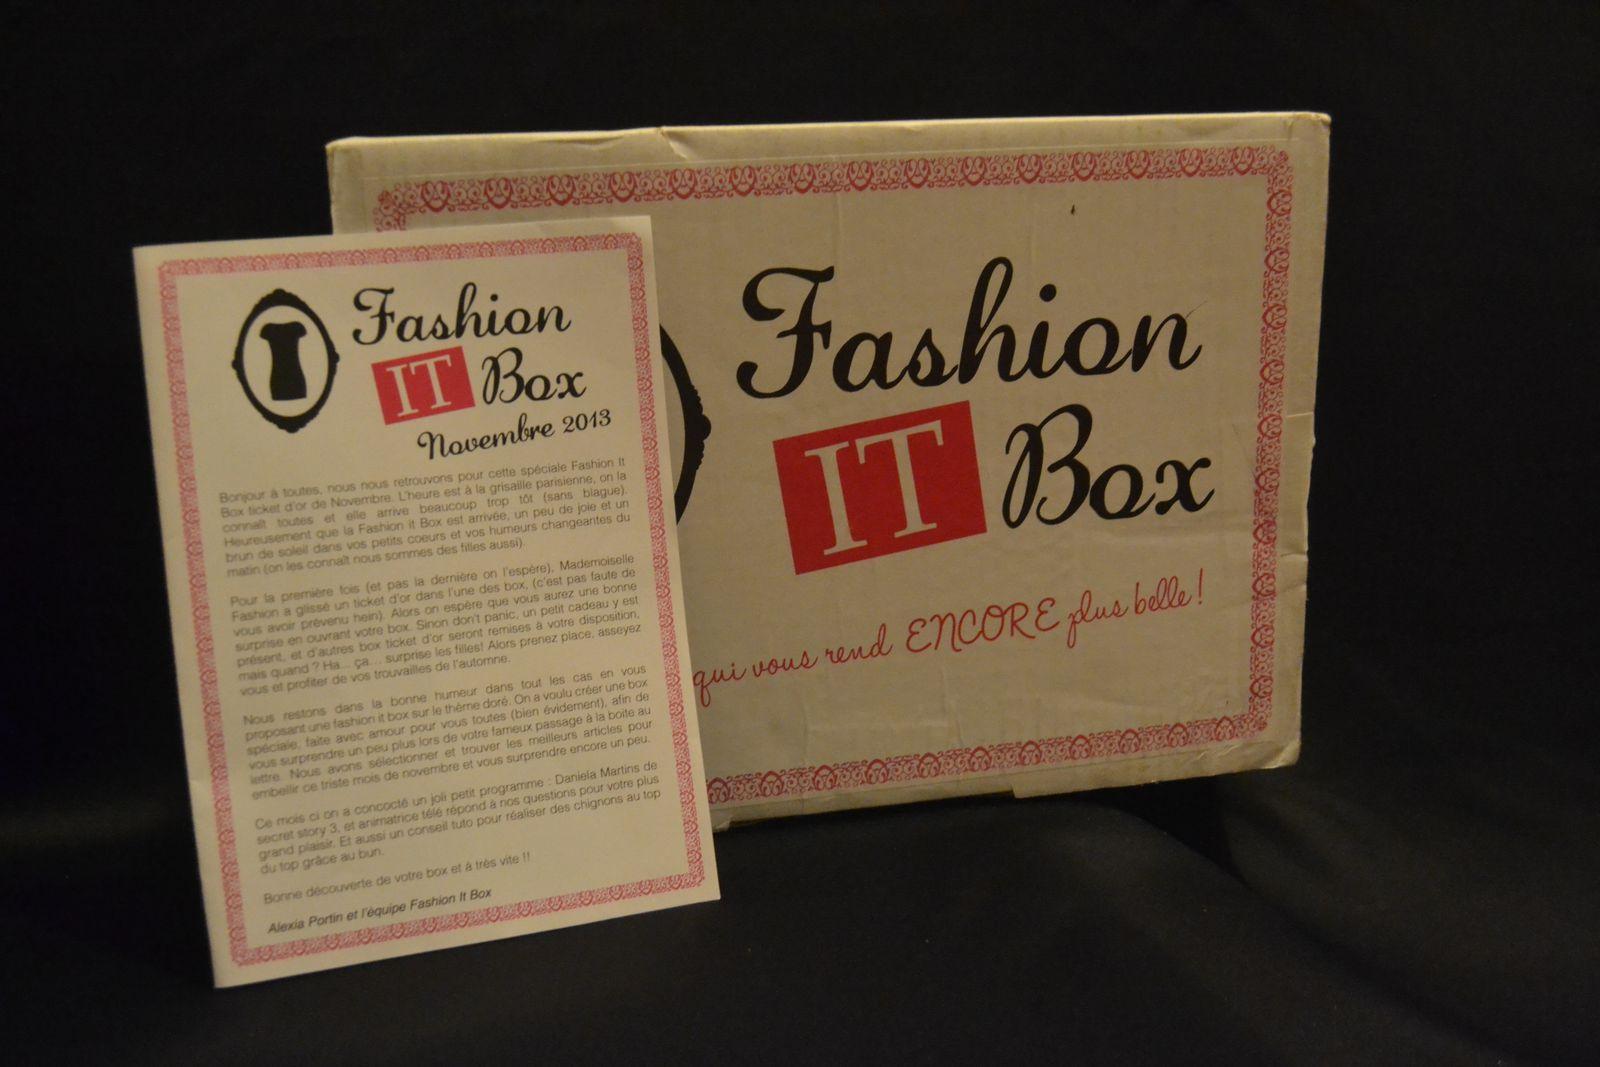 BOx: La fashion it